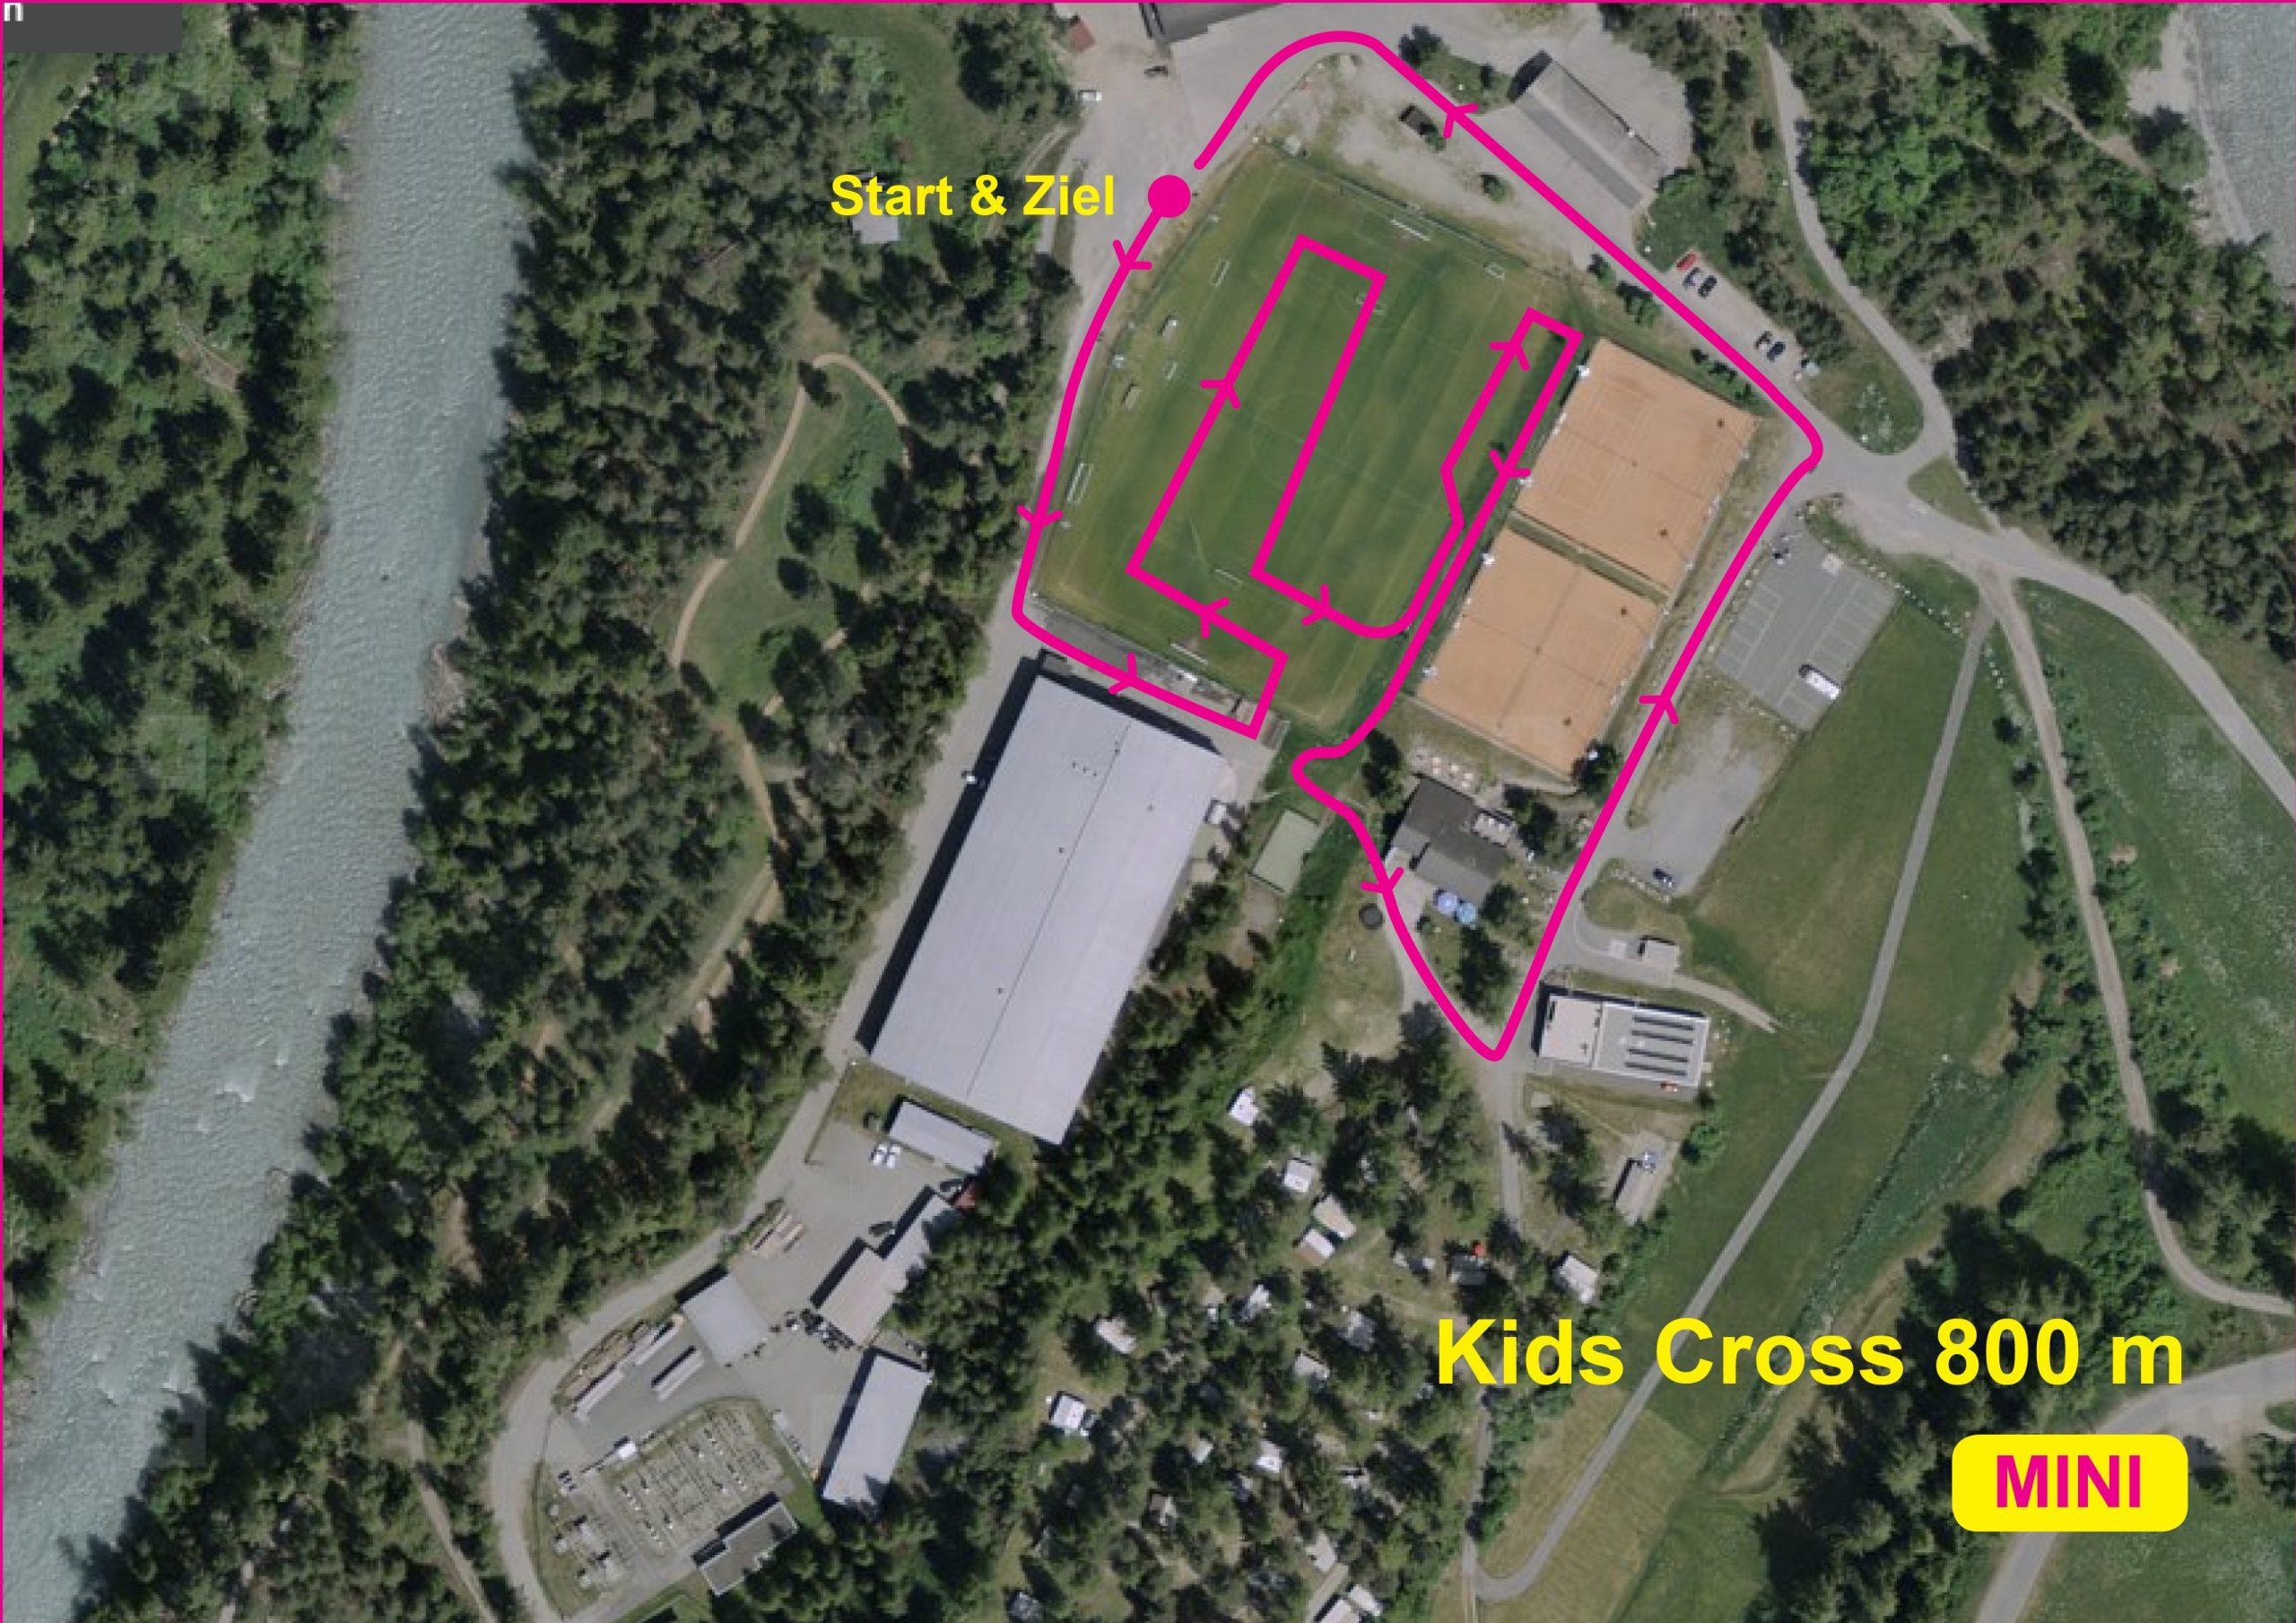 Kids-Cross und MuKi/VaKi Rennen